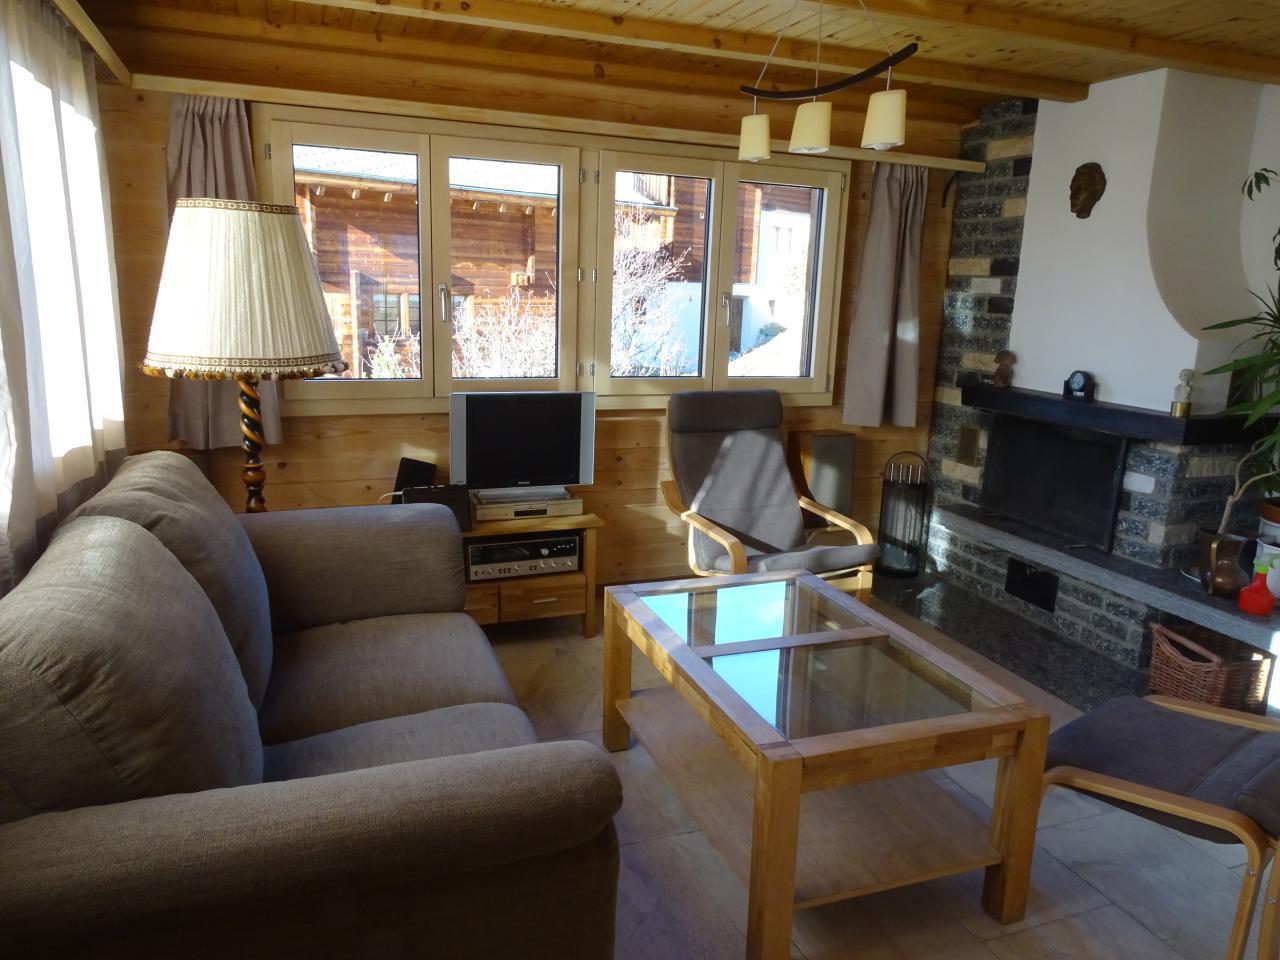 Appartement de vacances Chalet Stefanino, 3 1/2 Zimmer (487097), Bellwald, Aletsch - Conches, Valais, Suisse, image 3